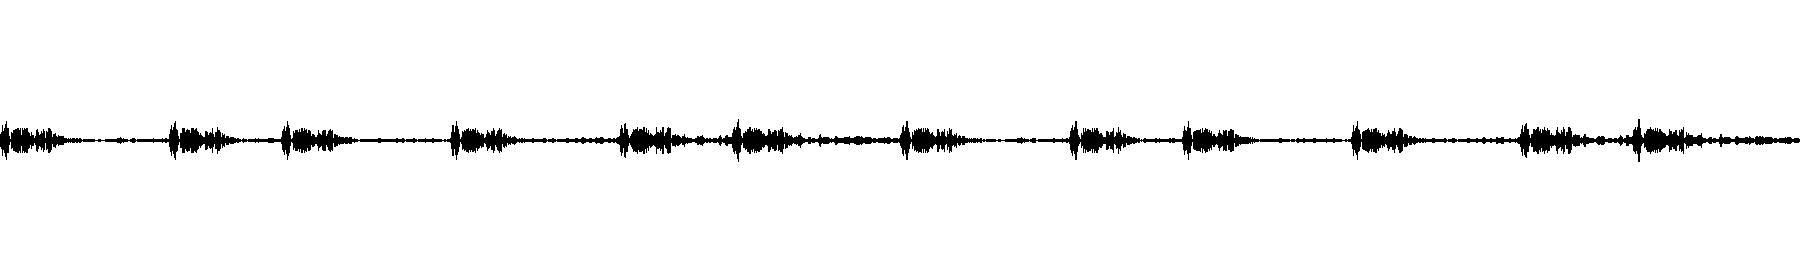 tfx texture 36